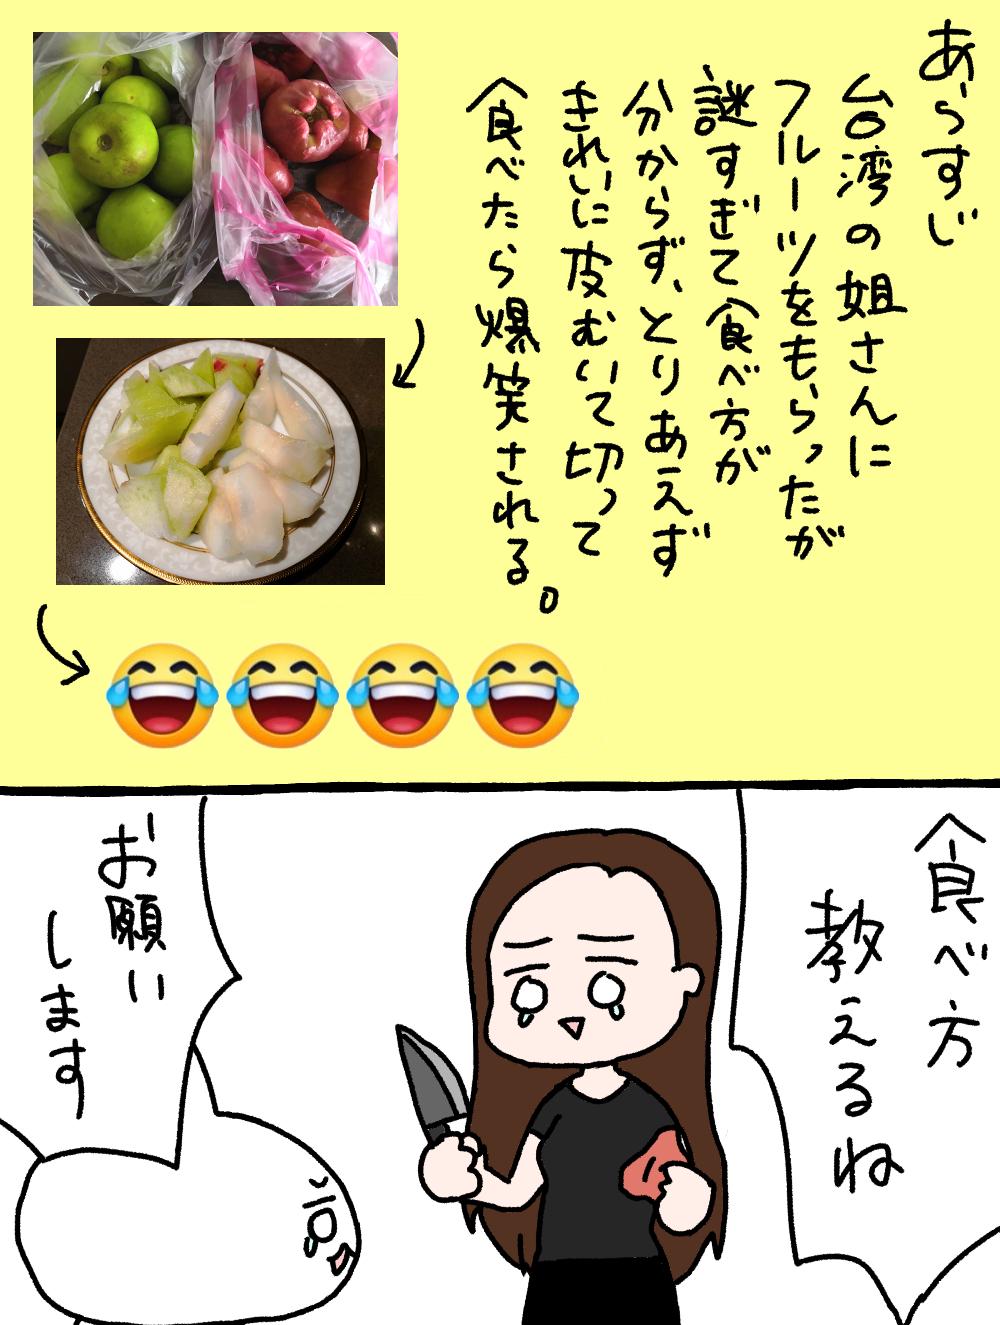 台湾で覚えておきたいフルーツの食べ方